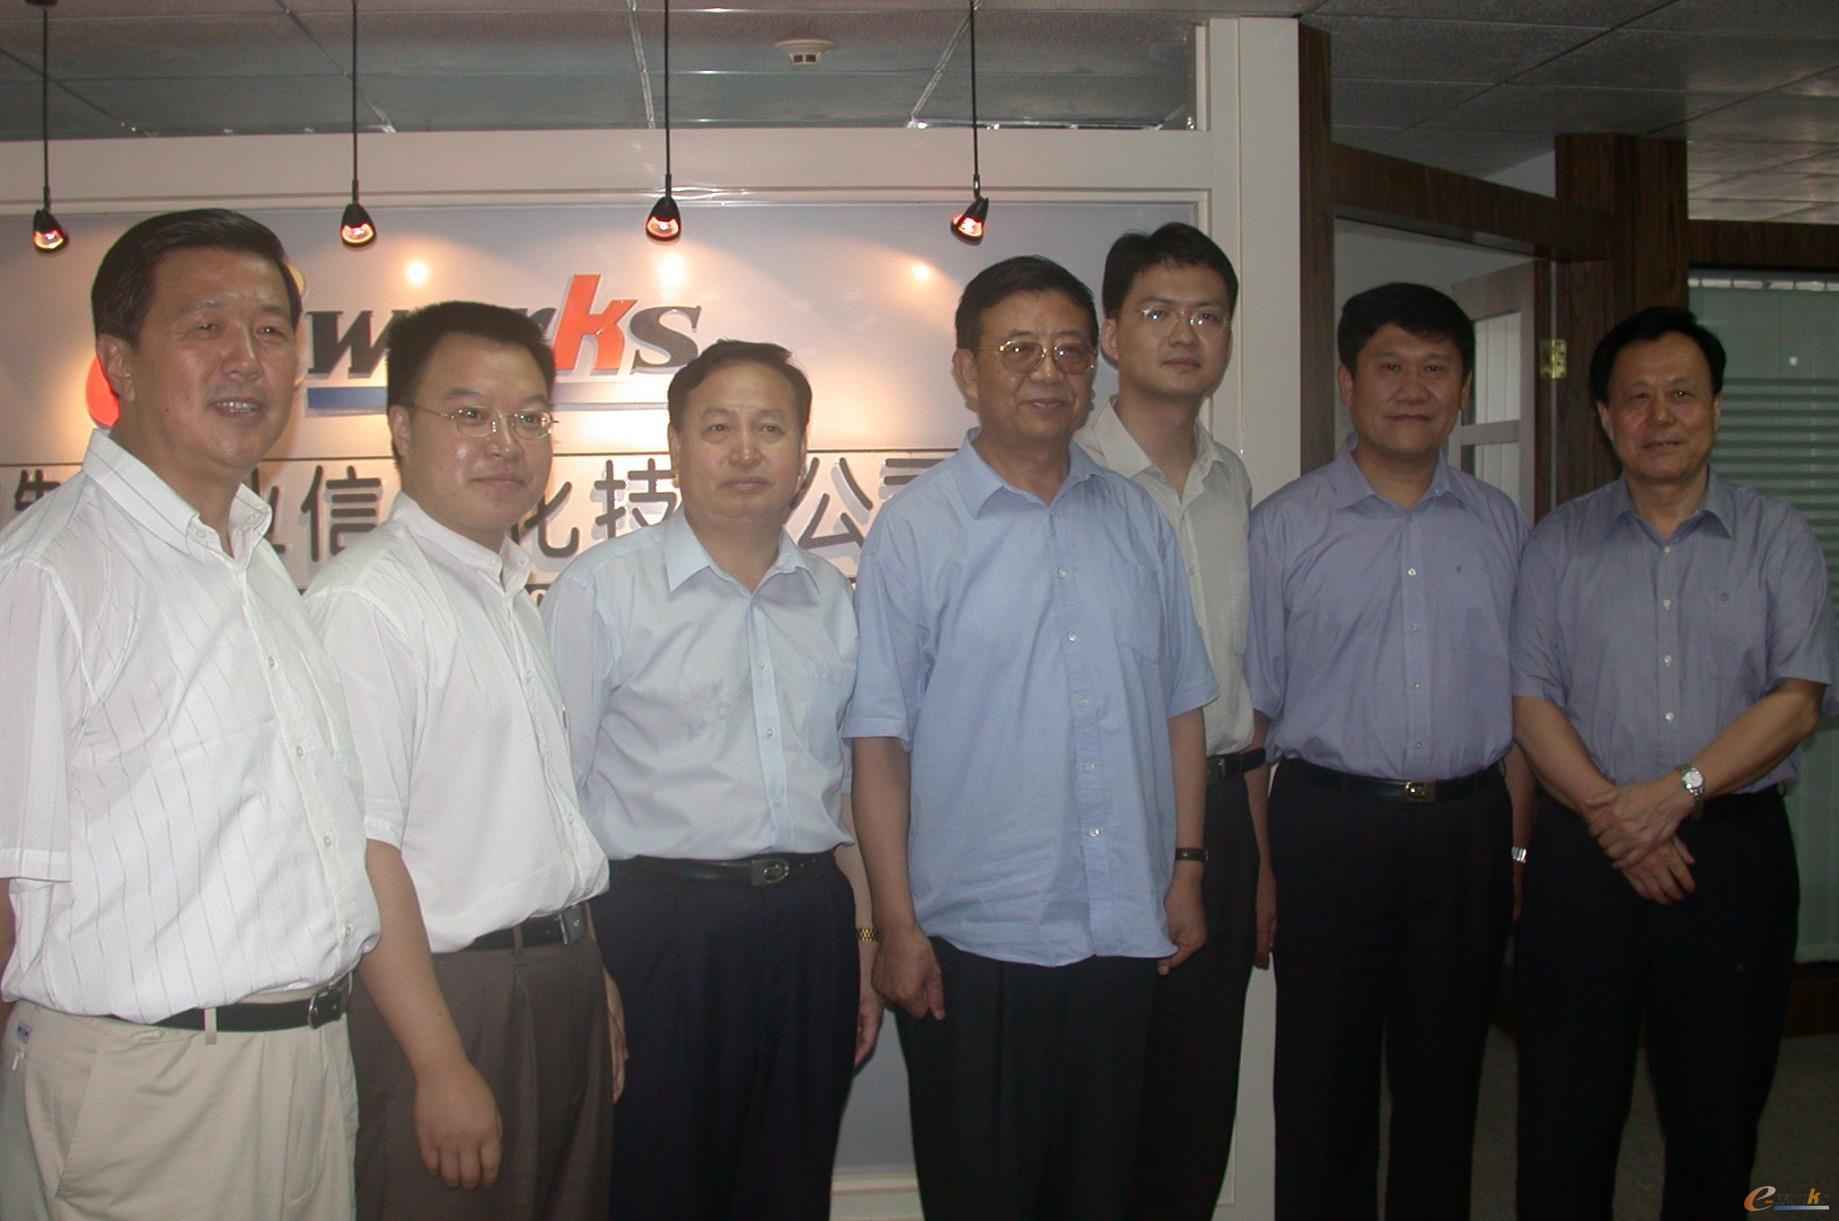 前湖北省委书记罗清泉、前武汉市市长李宪生到e-works视察